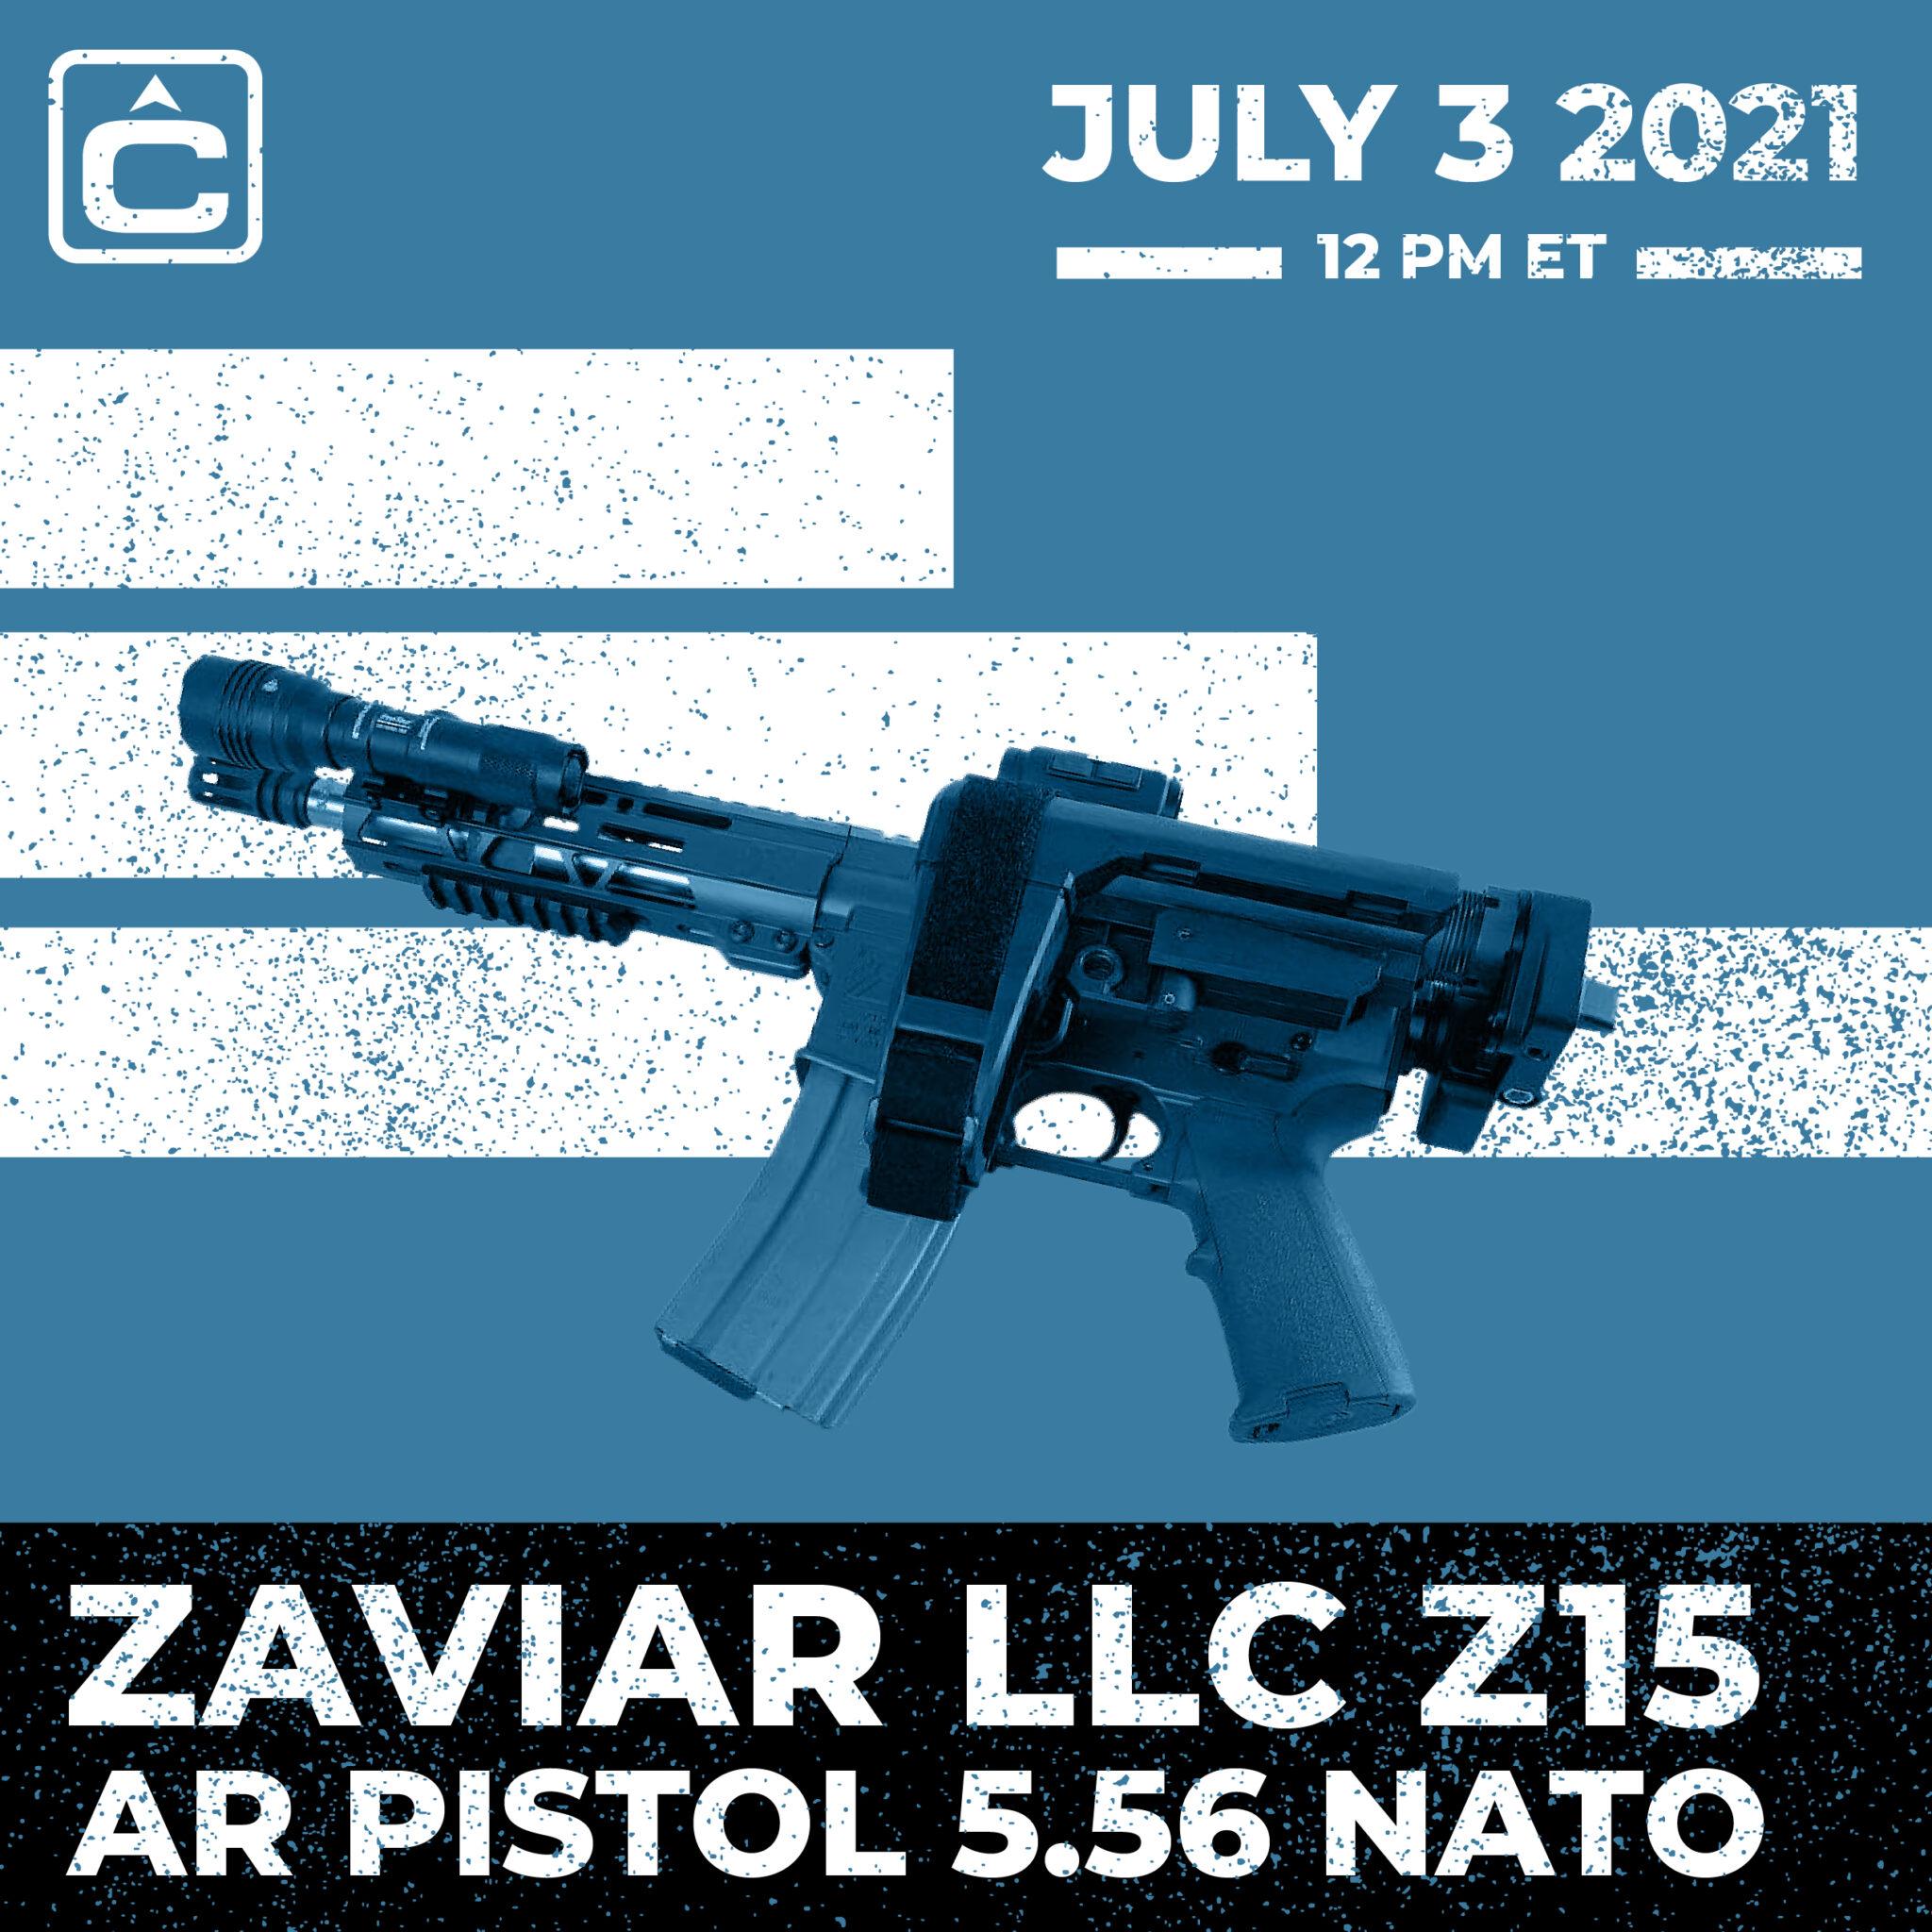 Zaviar LLC Z15 AR PISTOL 5.56 NATO